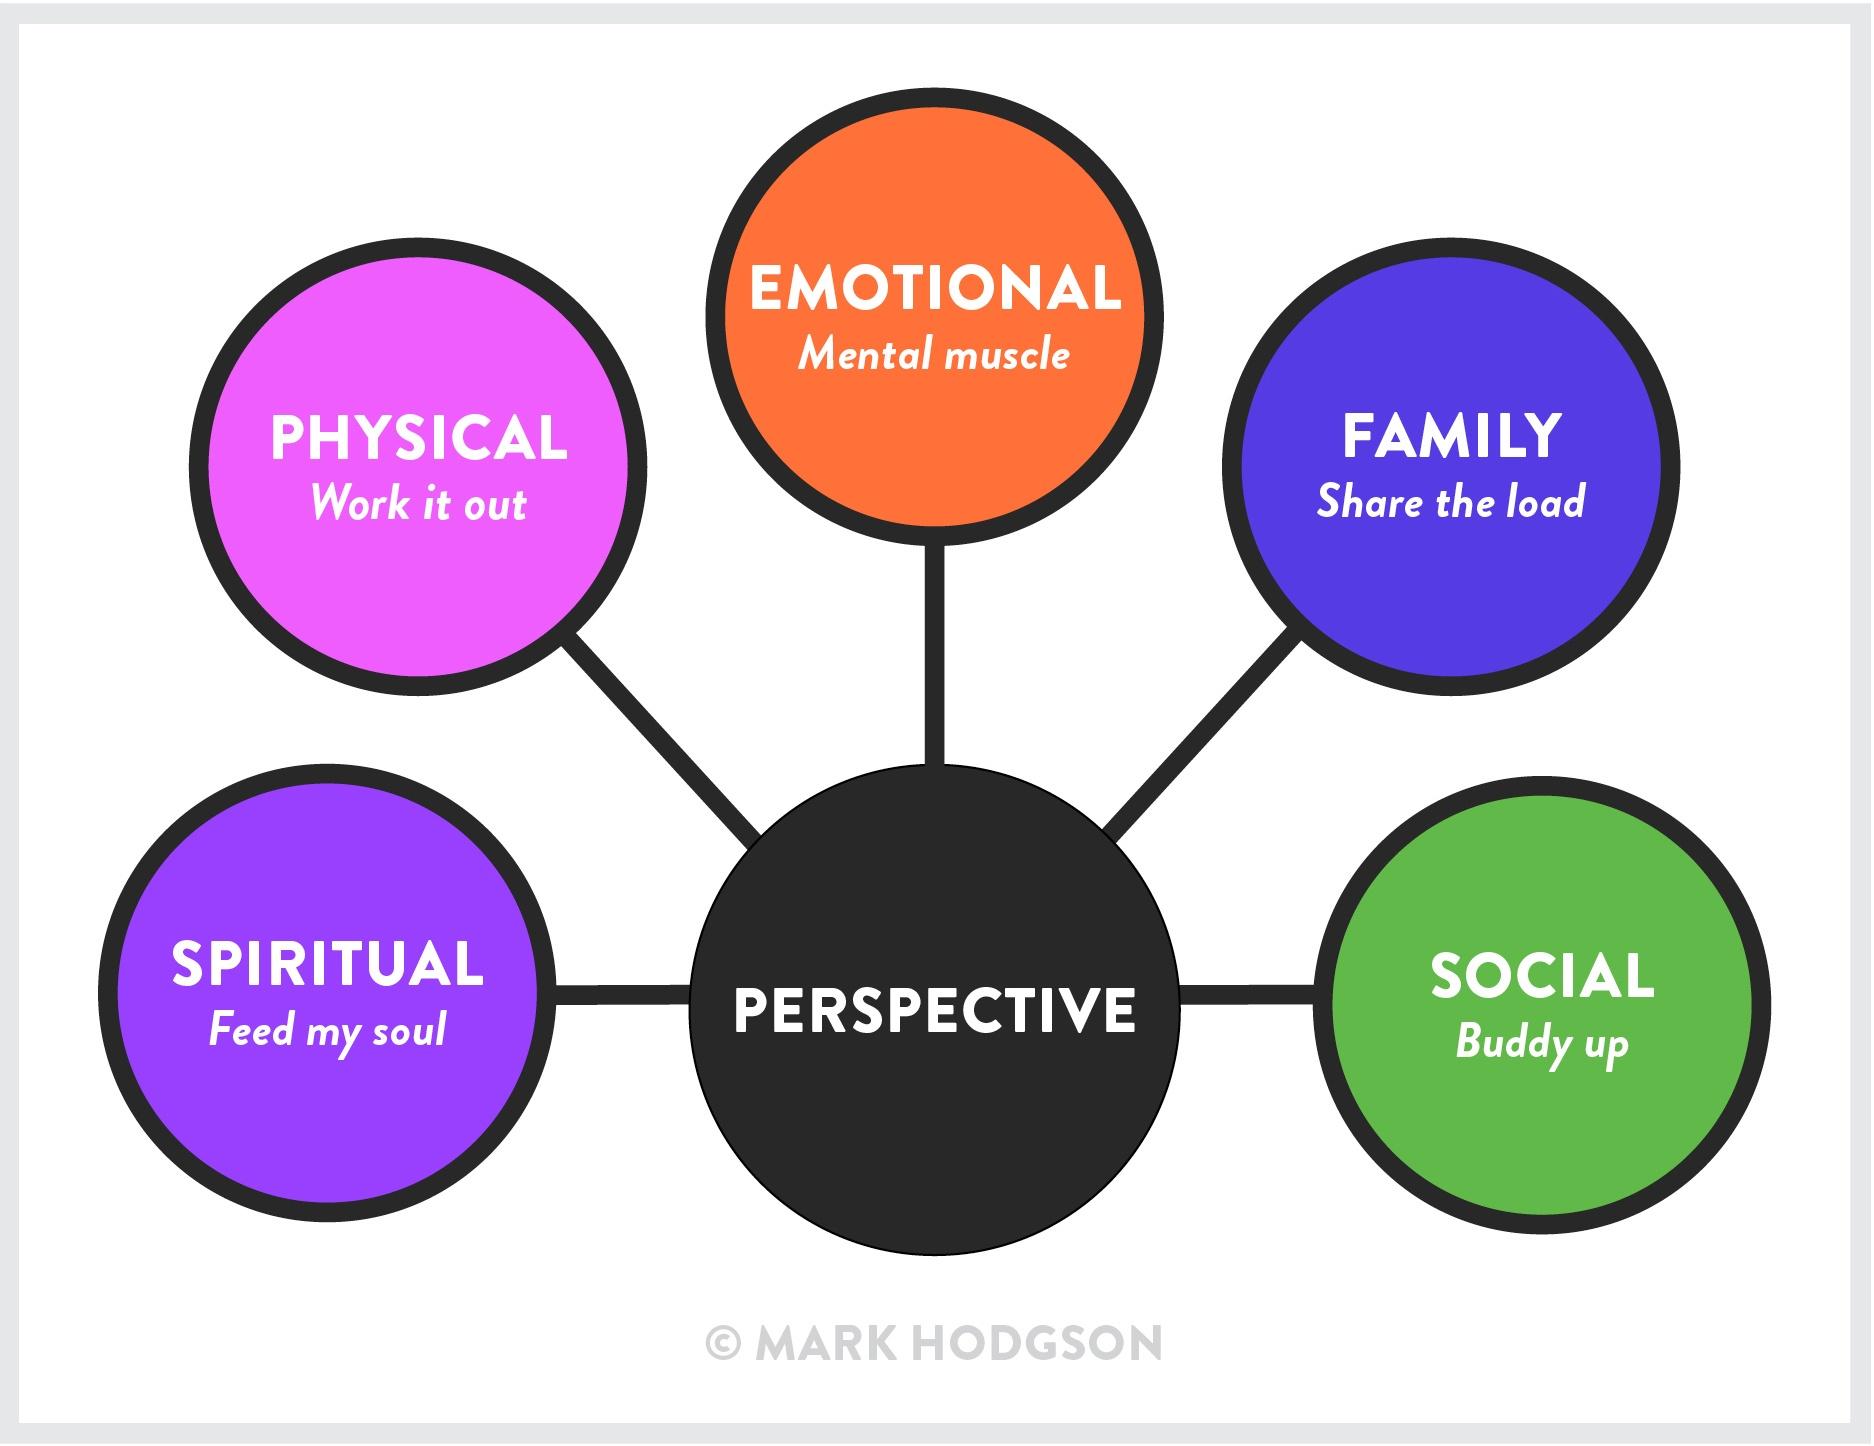 The-Resilience-5-Pack-Mark-Hodgson.jpg